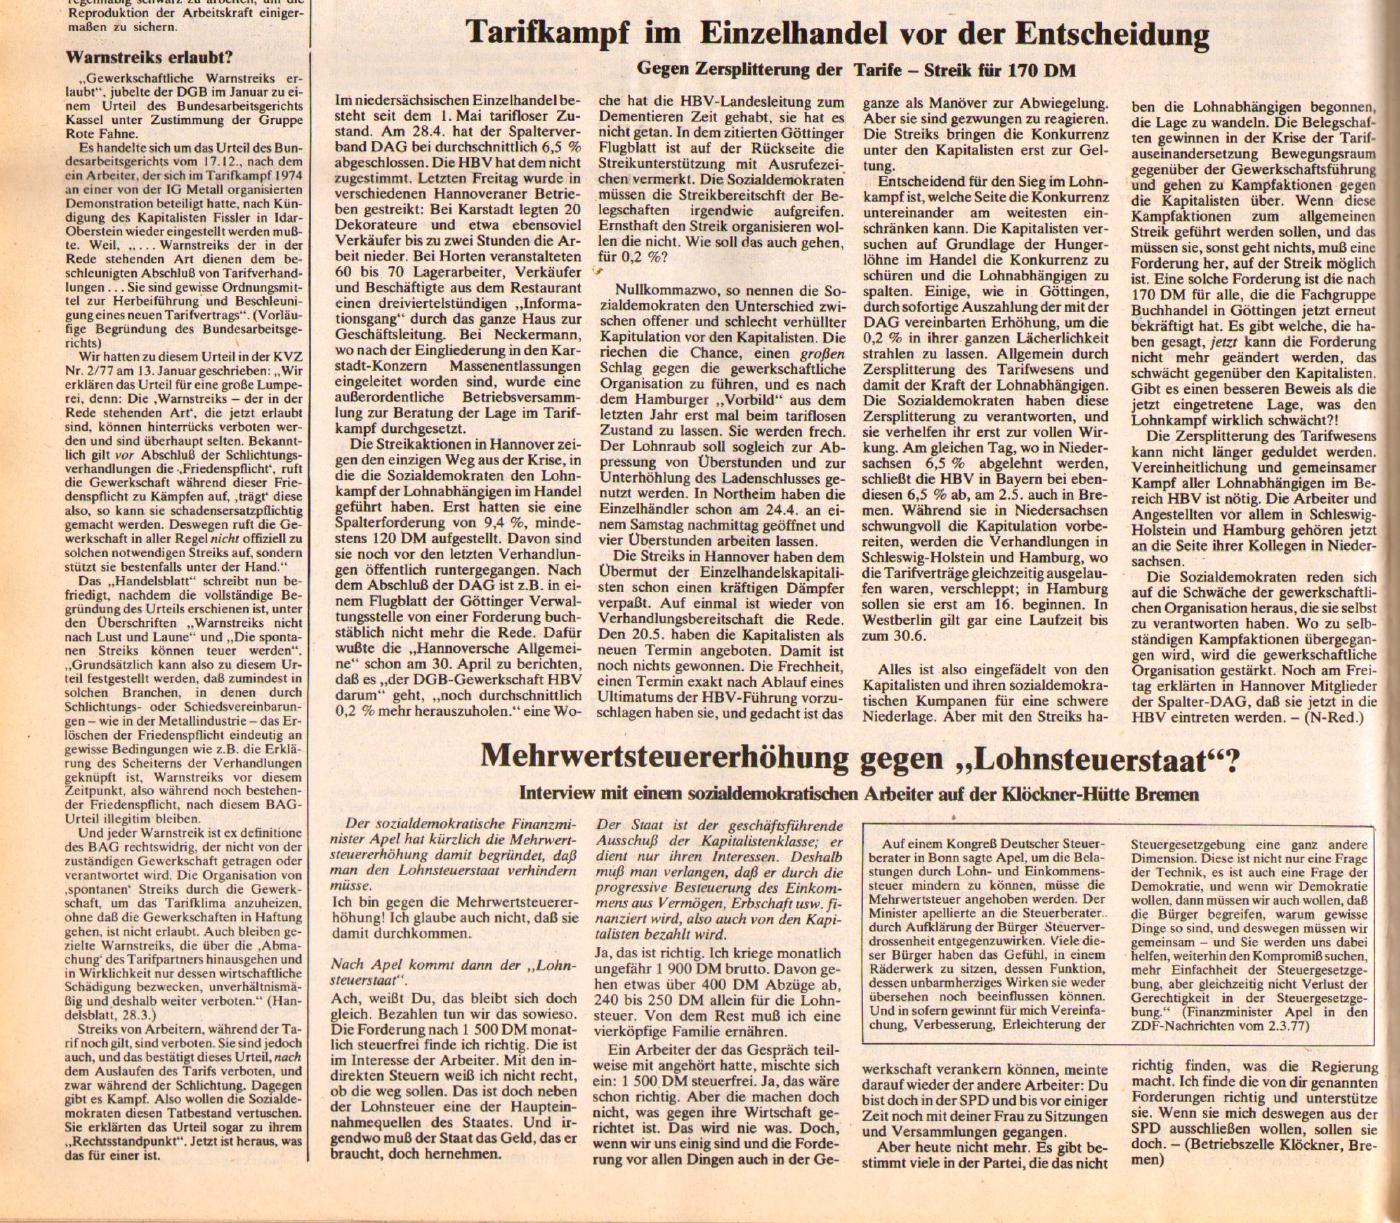 KVZ_Nord_1977_19_12